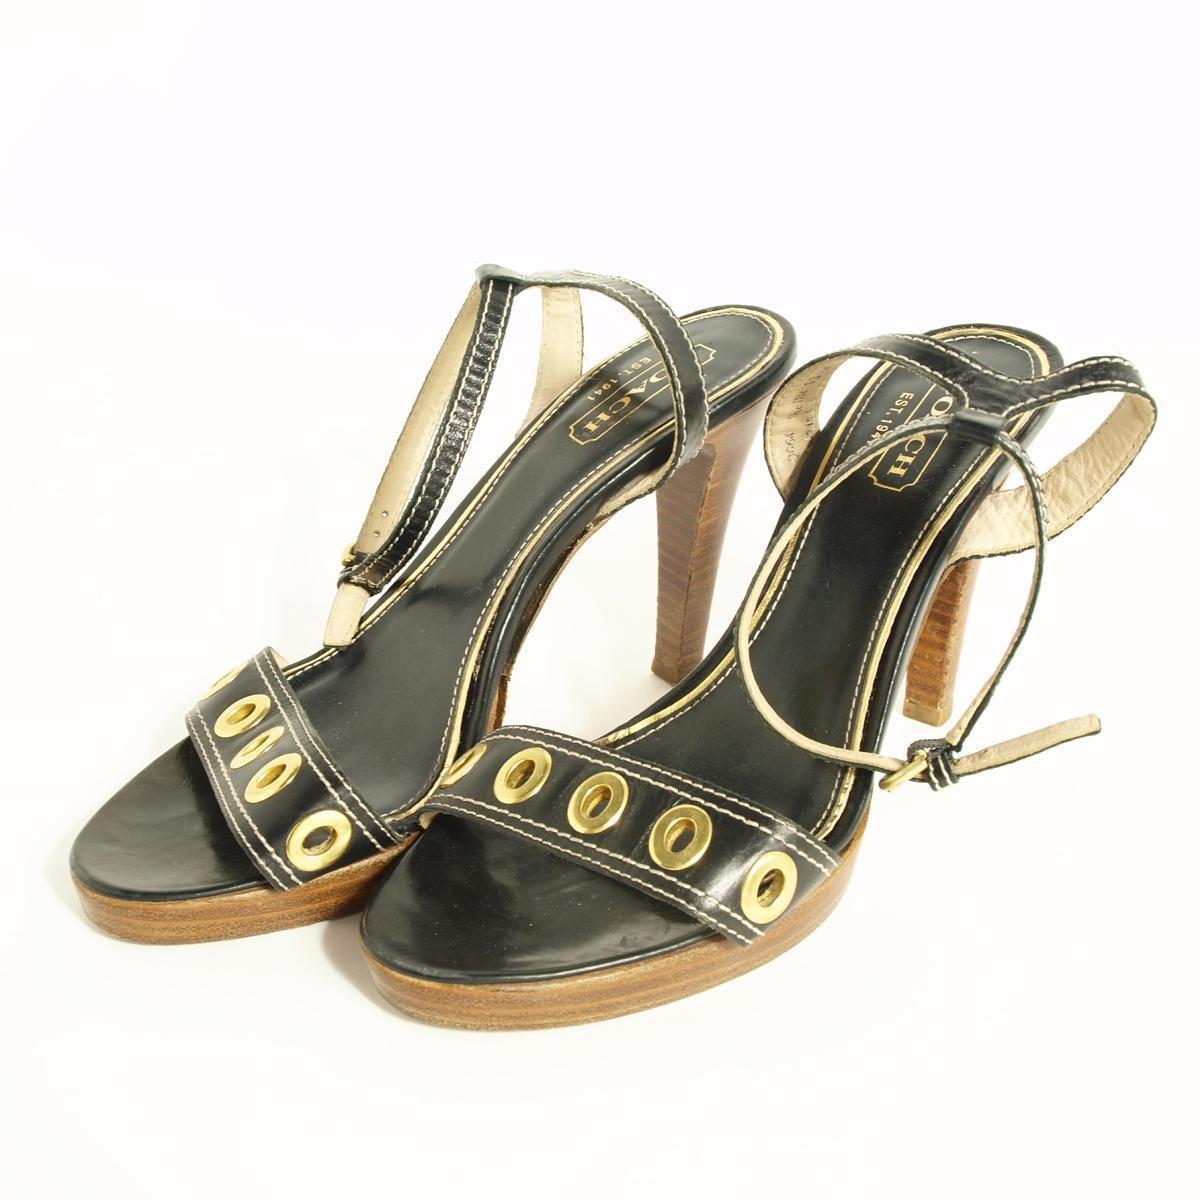 教练意大利制造女用浅口无扣无带皮鞋8B女士24.5cm COACH/boj0317 160702